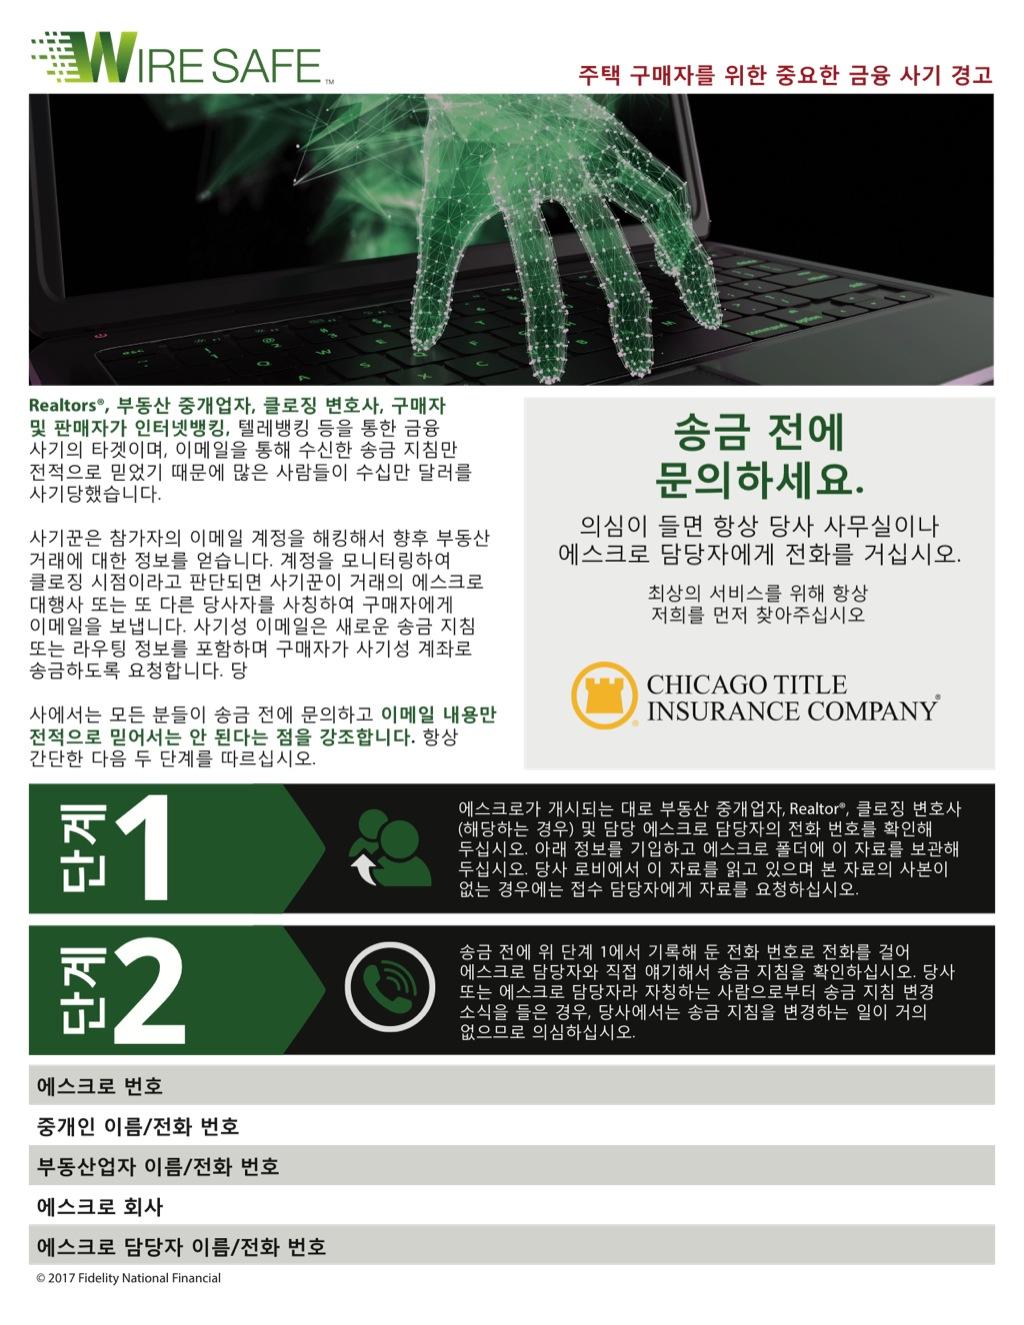 Corefact Wire Safe Buyer Flyer - Korean - CTIC